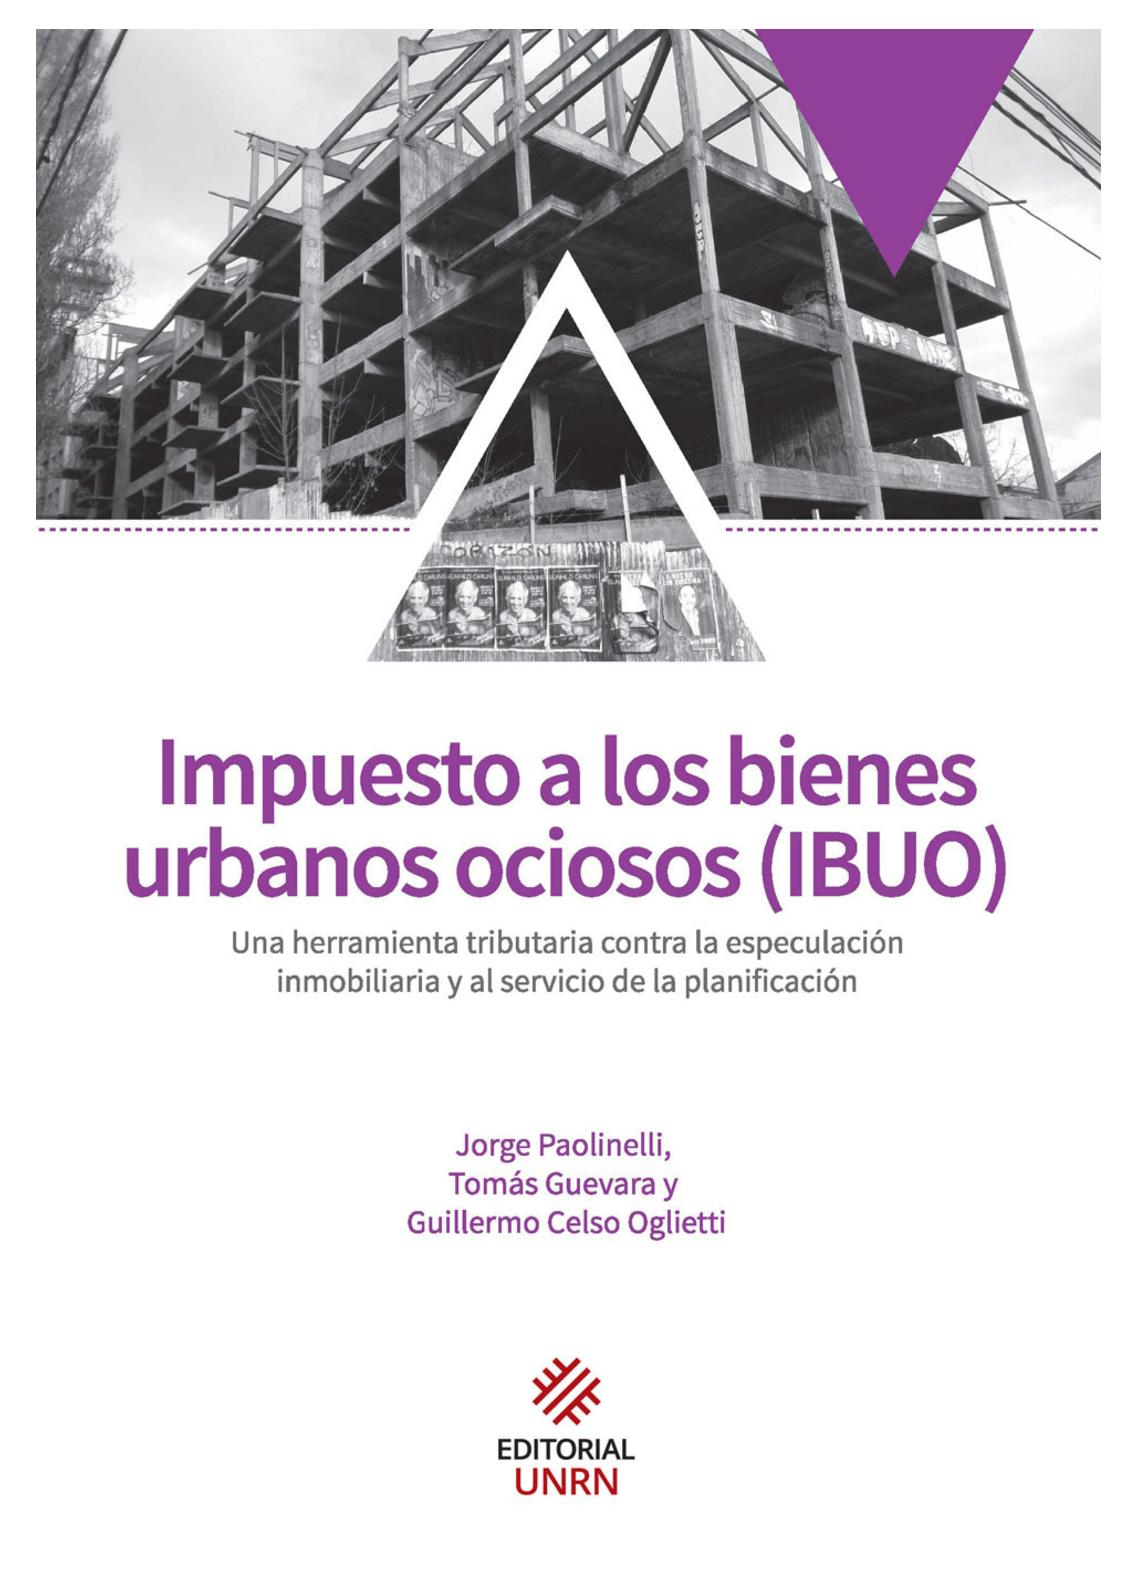 Impuesto a los bienes urbanos ociosos (IBUO)